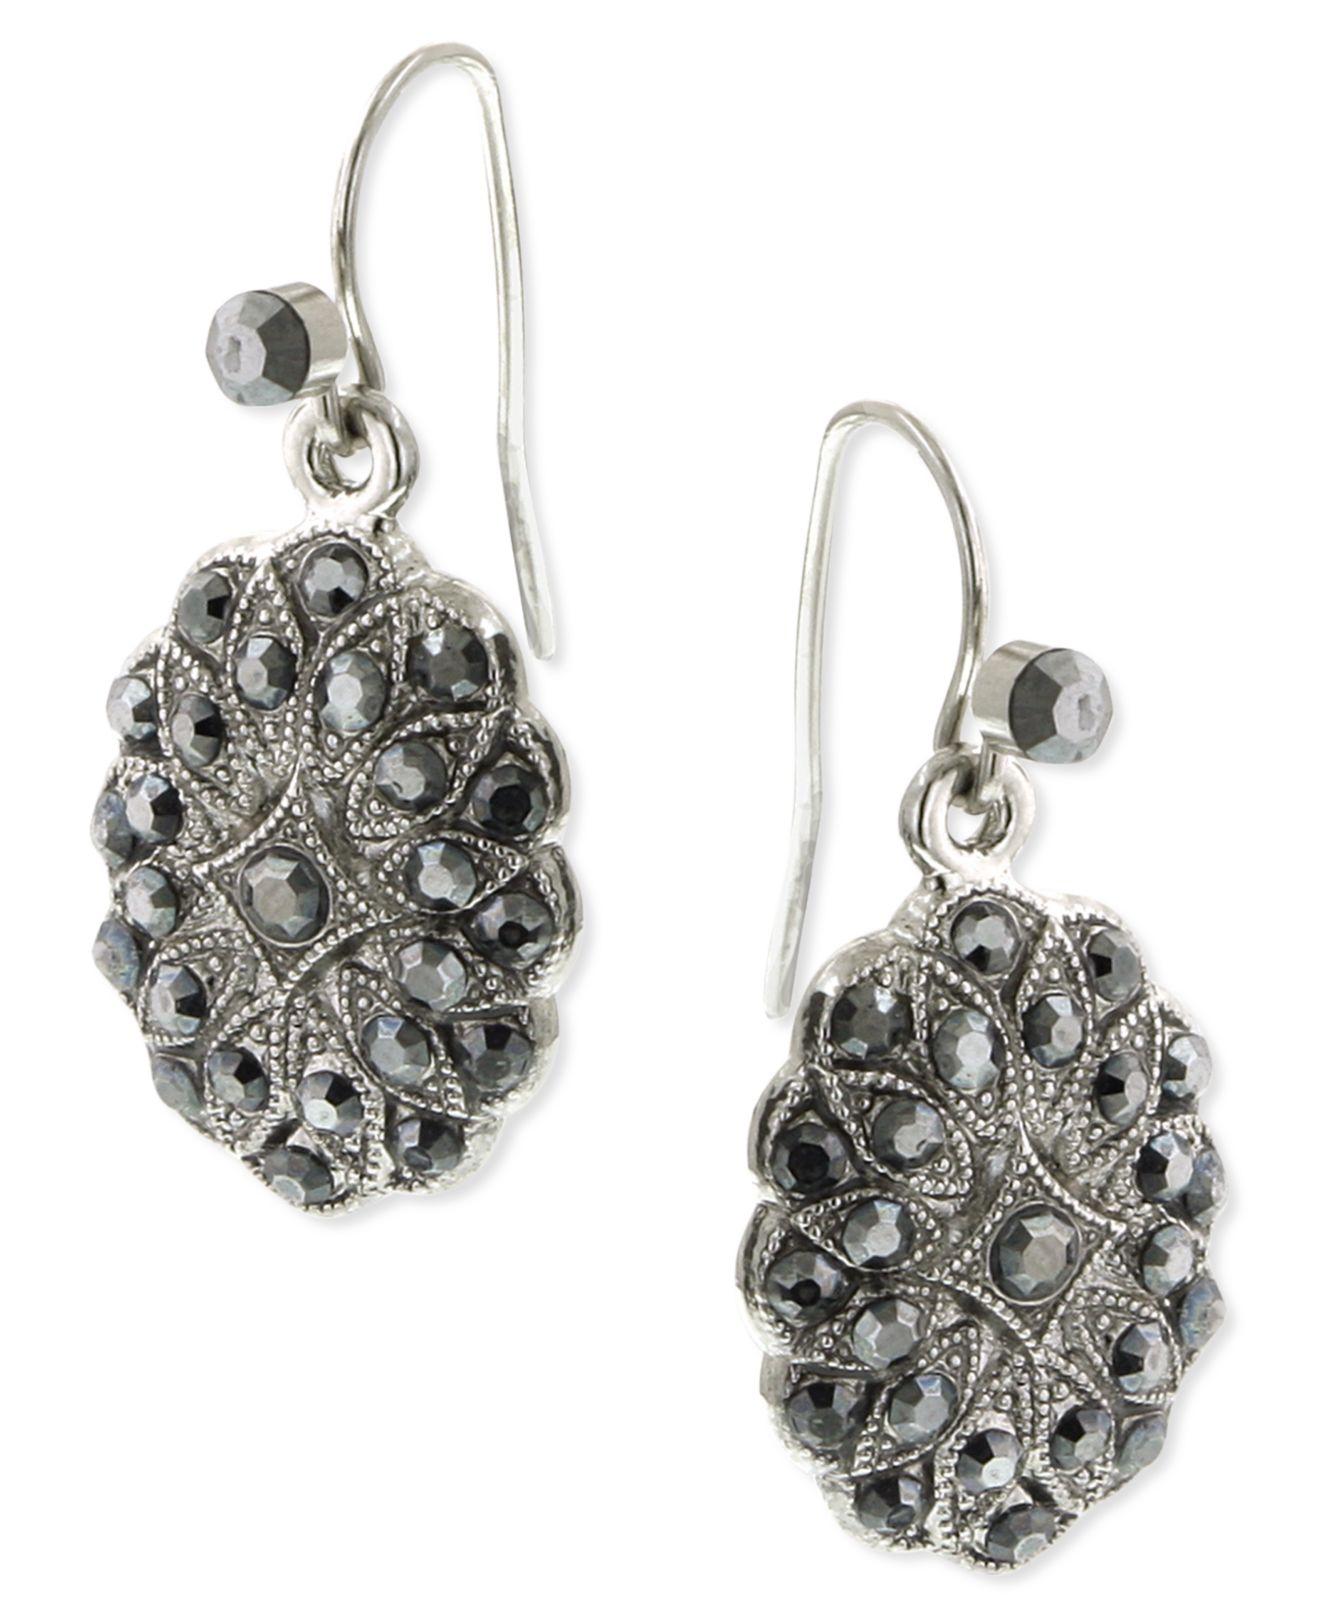 2028 silver tone hematite oval drop earrings in metallic